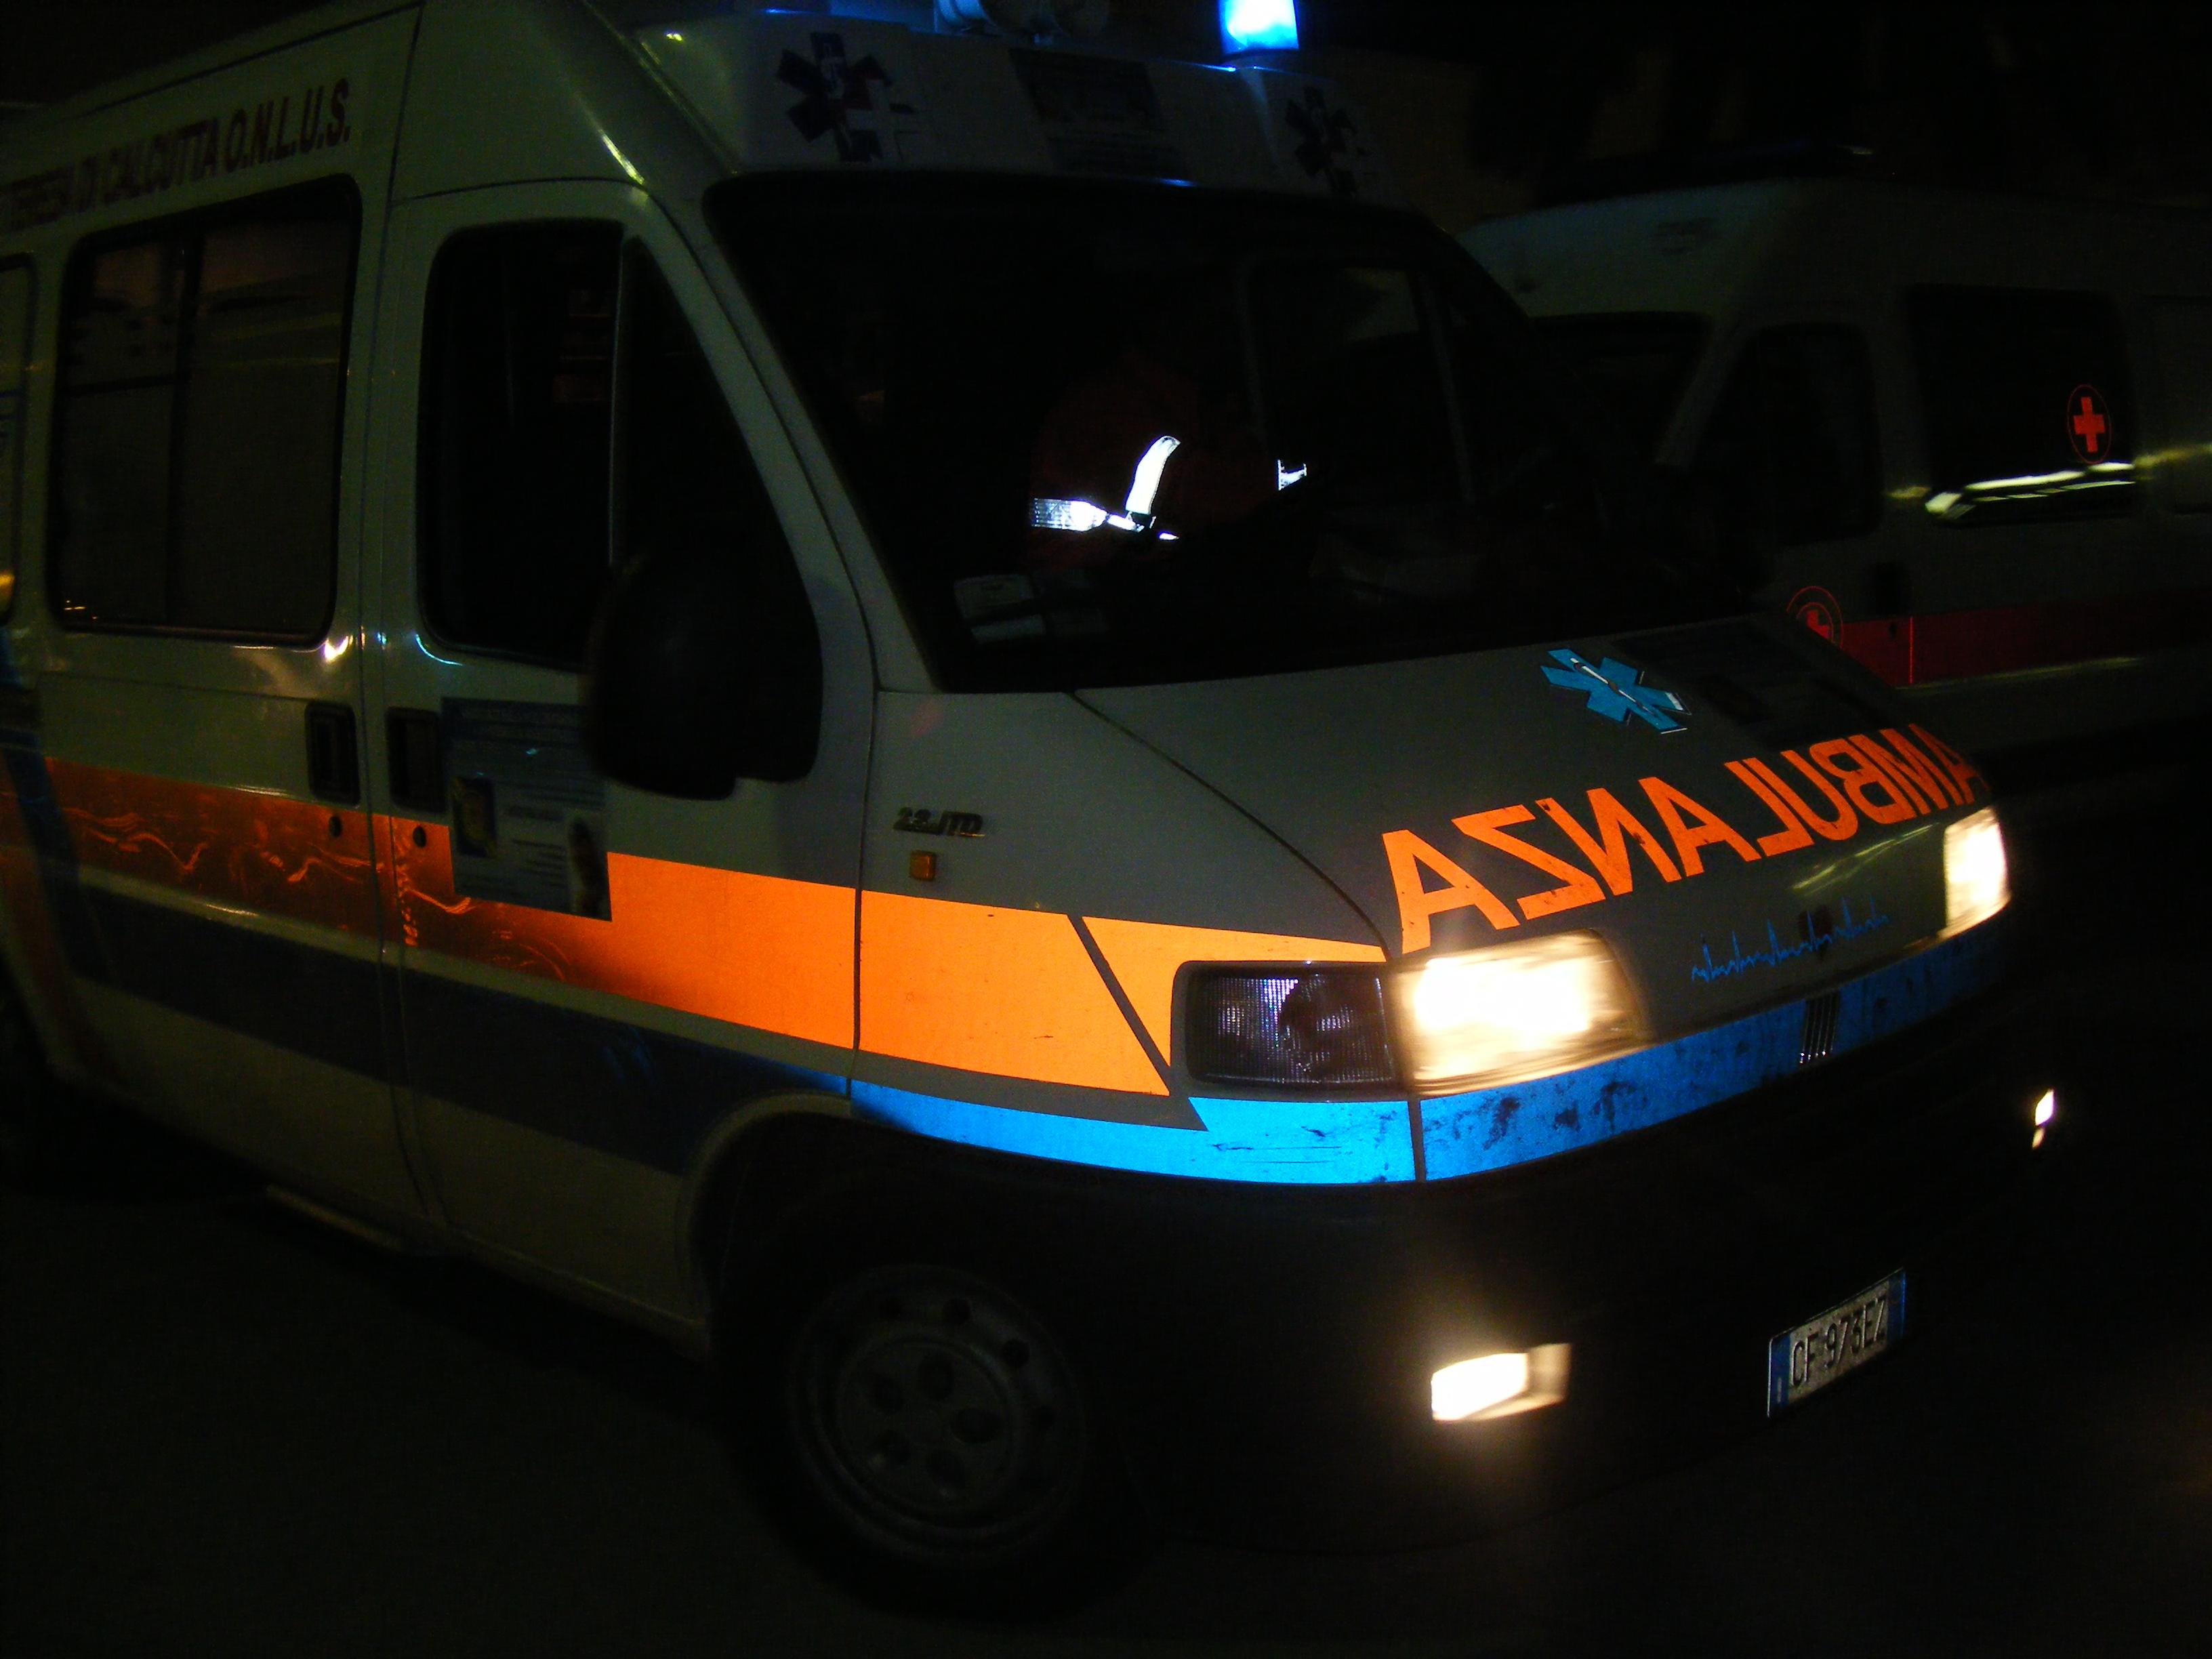 Morire a 18 anni di ritorno dal lavoro. La tragica storia di Emanuele, morto stanotte in un incidente stradale